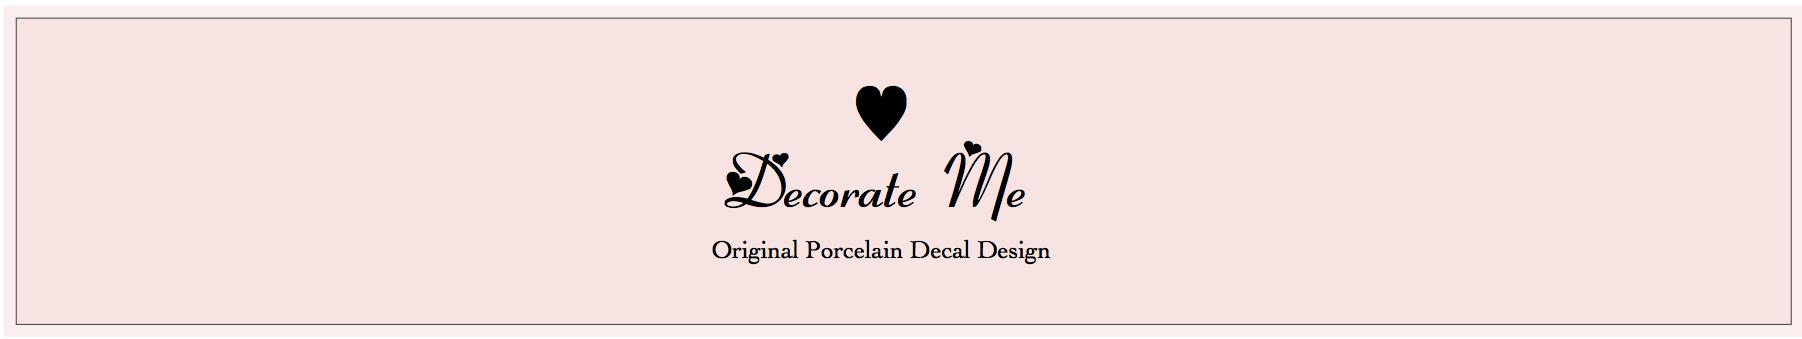 Decorate me